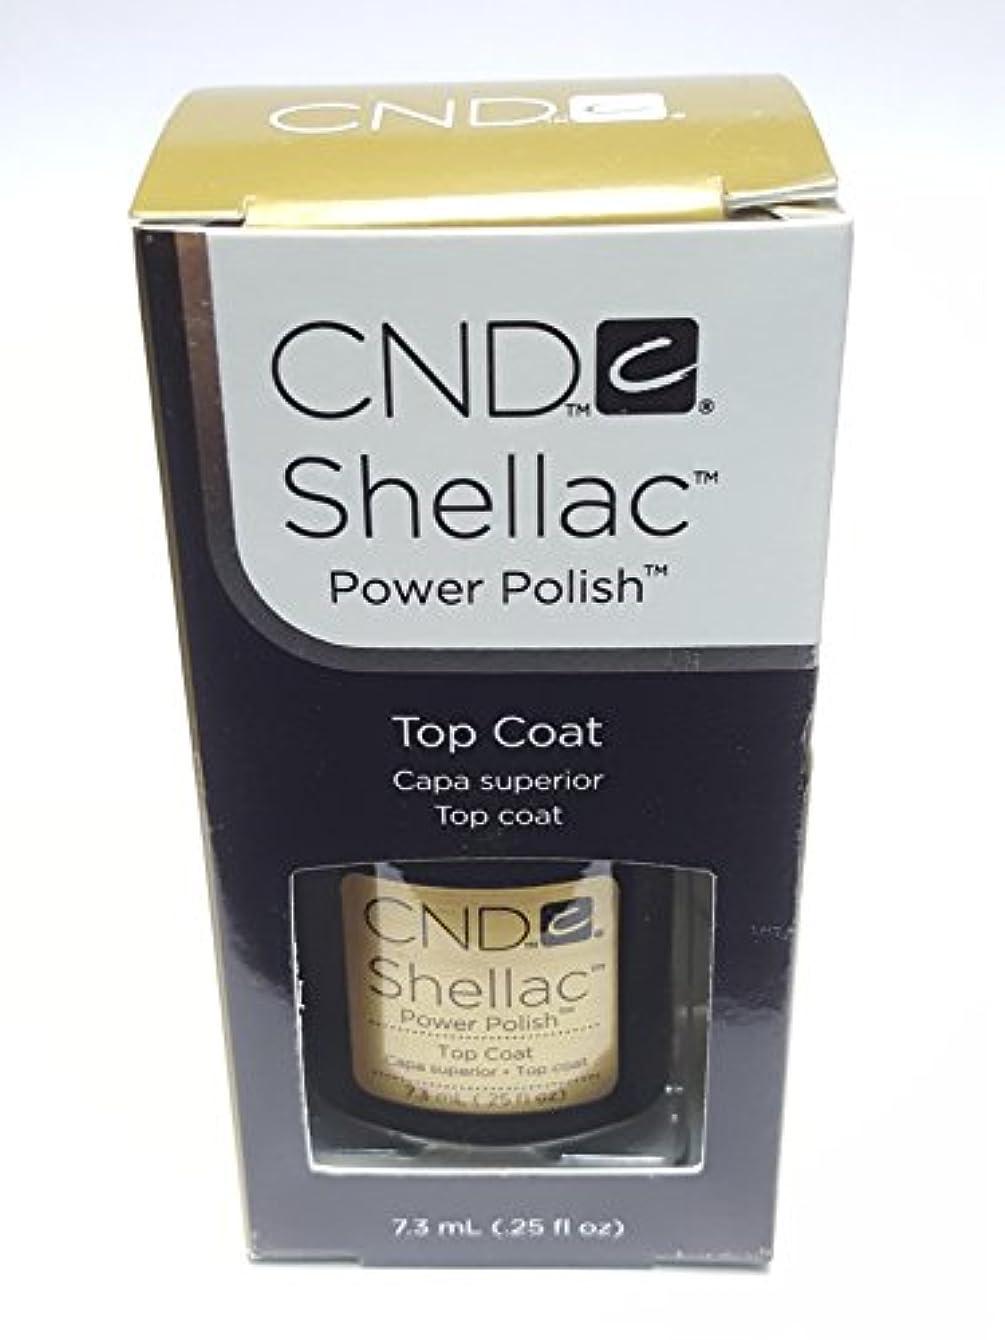 仮称成人期不承認CND シーエヌディー shellac シェラック パワーポリッシュ UVトップコート 7.3ml 炭酸泉タブレット1個付き